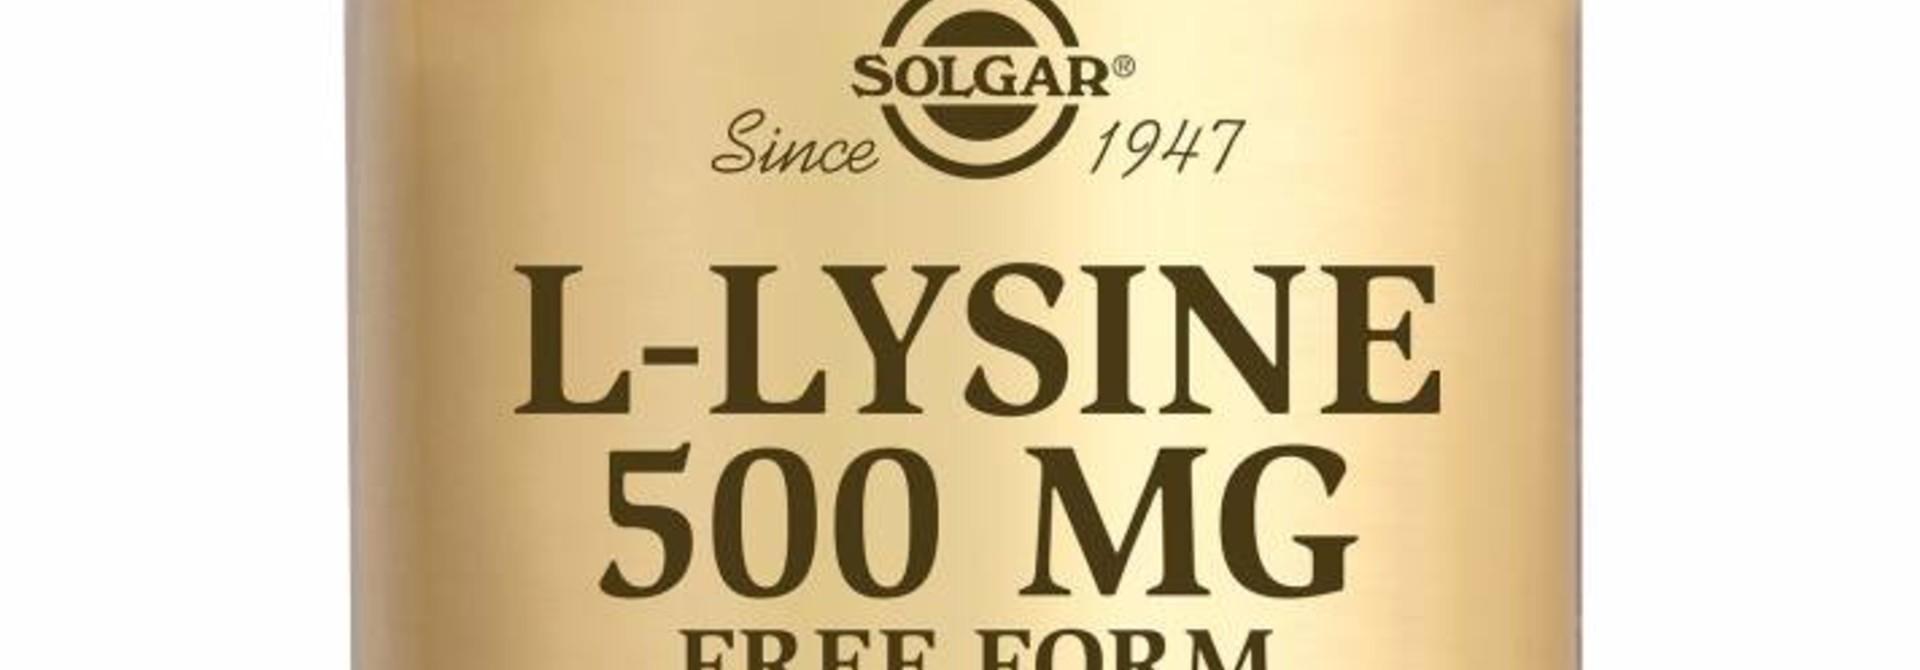 L-Lysine 500 mg 50 plantaardige capsules